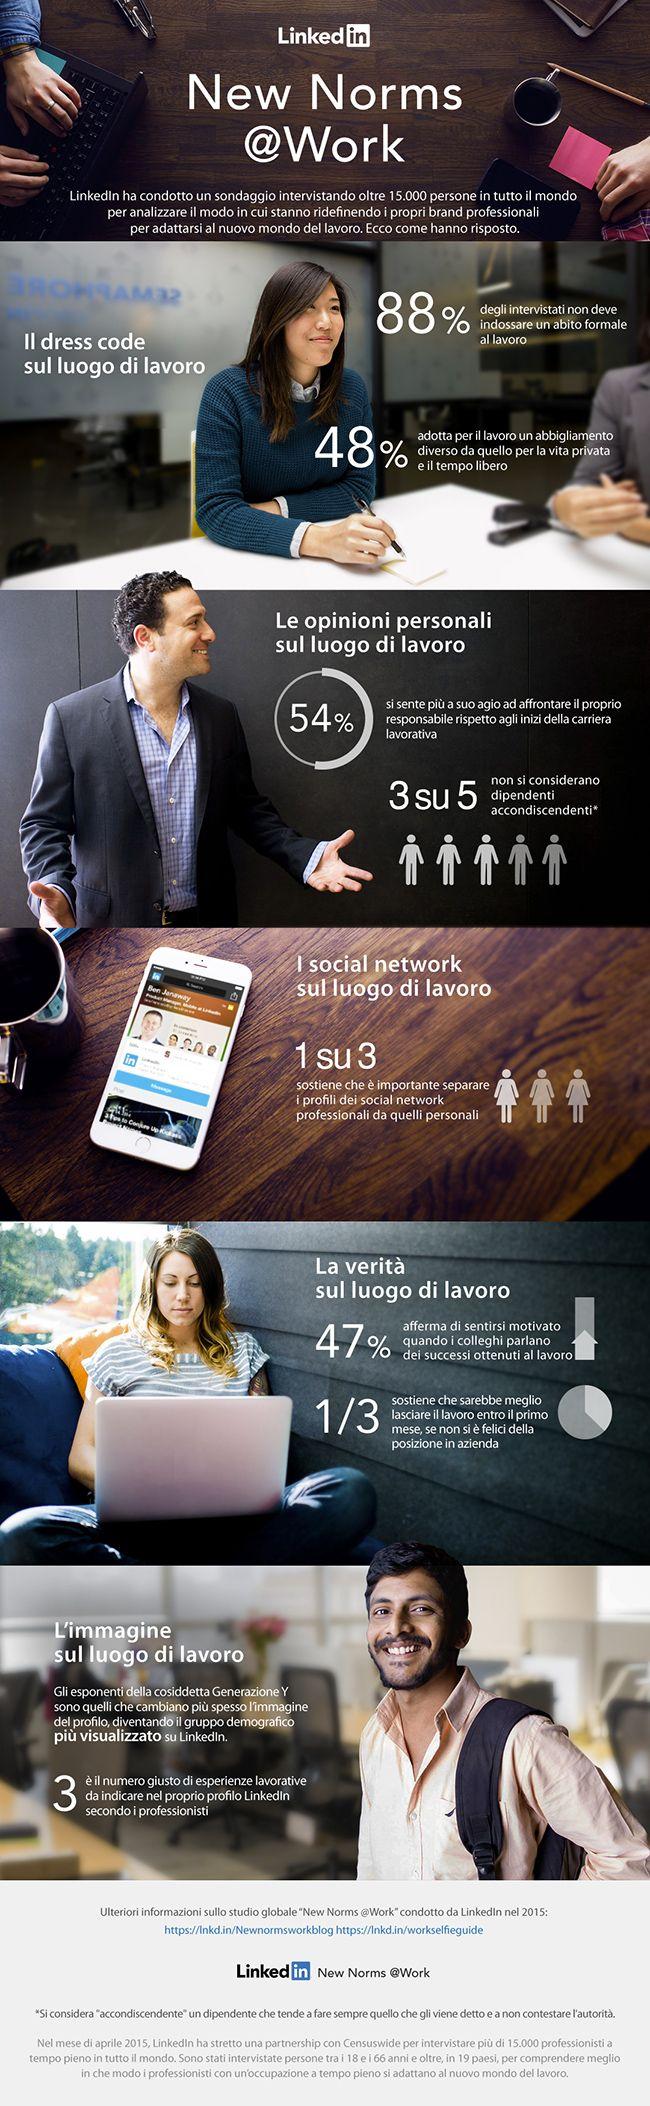 LinkedIn: l'importanza del profilo - #WorkSelfie di Riccardo Scandellari